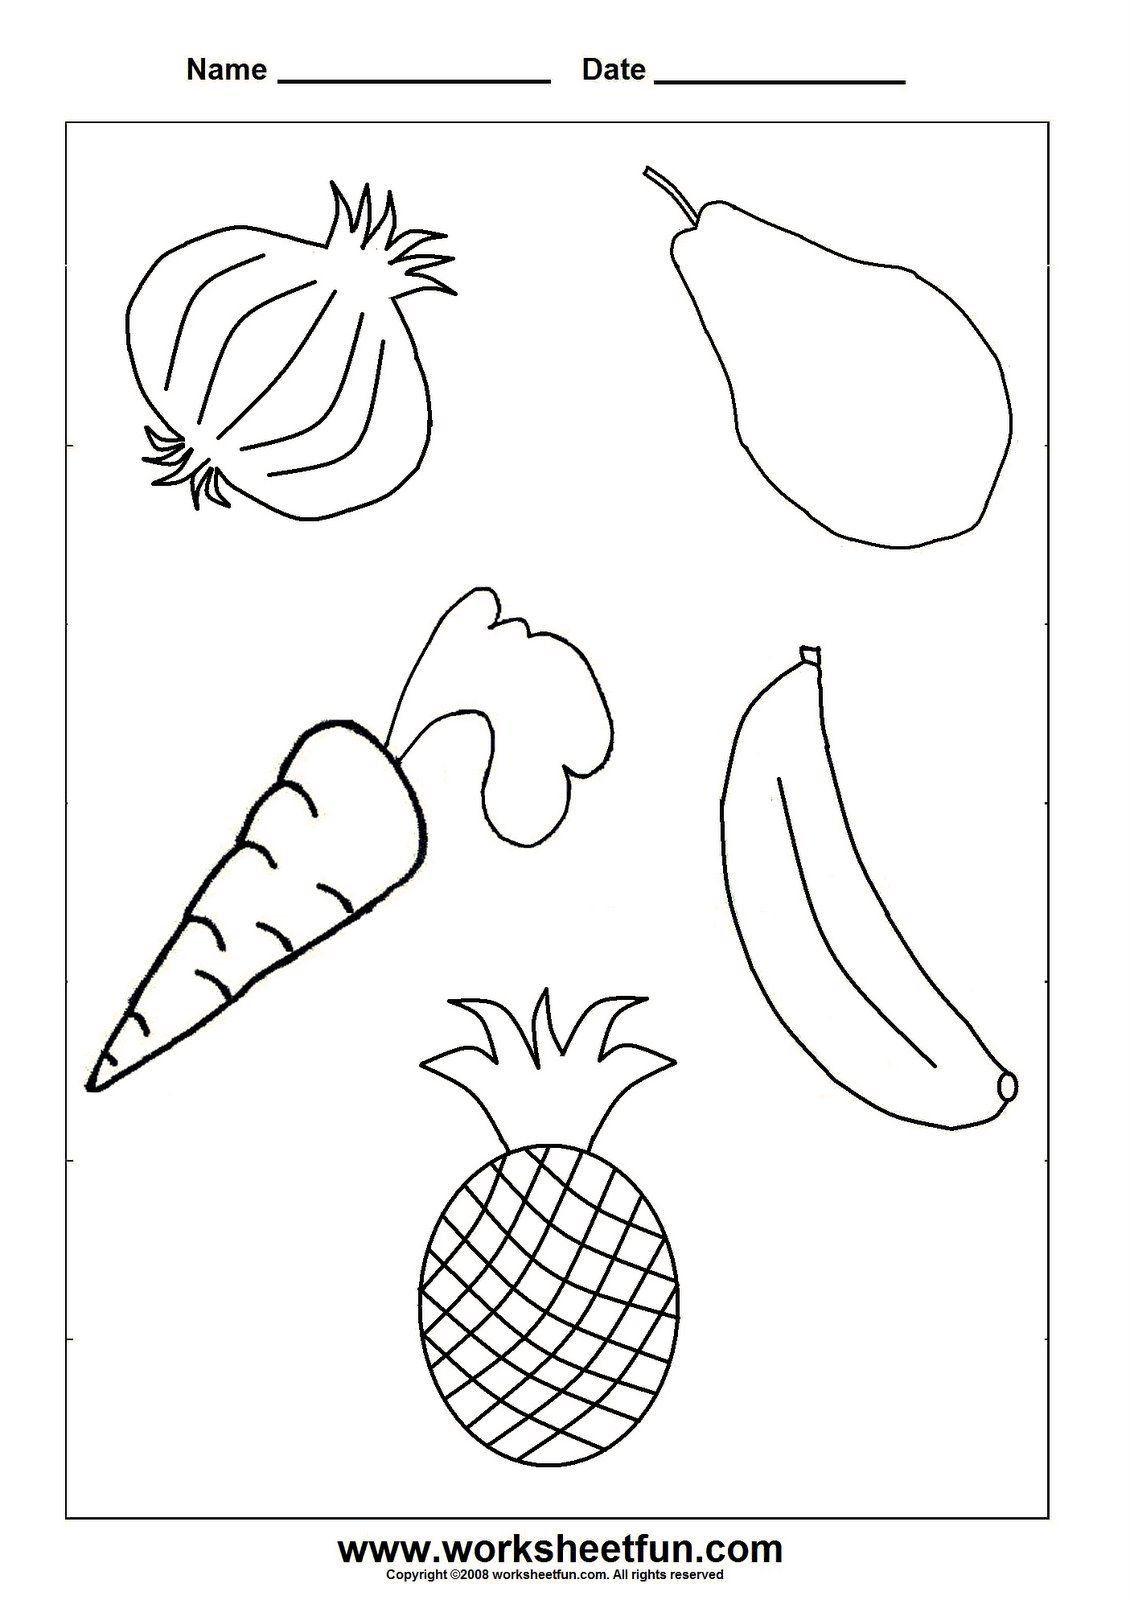 Vegetables Worksheet For Kindergarten D Dµd D My Food N D D D N D Dº In 2020 Kindergarten Worksheets Preschool Crafts Worksheets For Kids